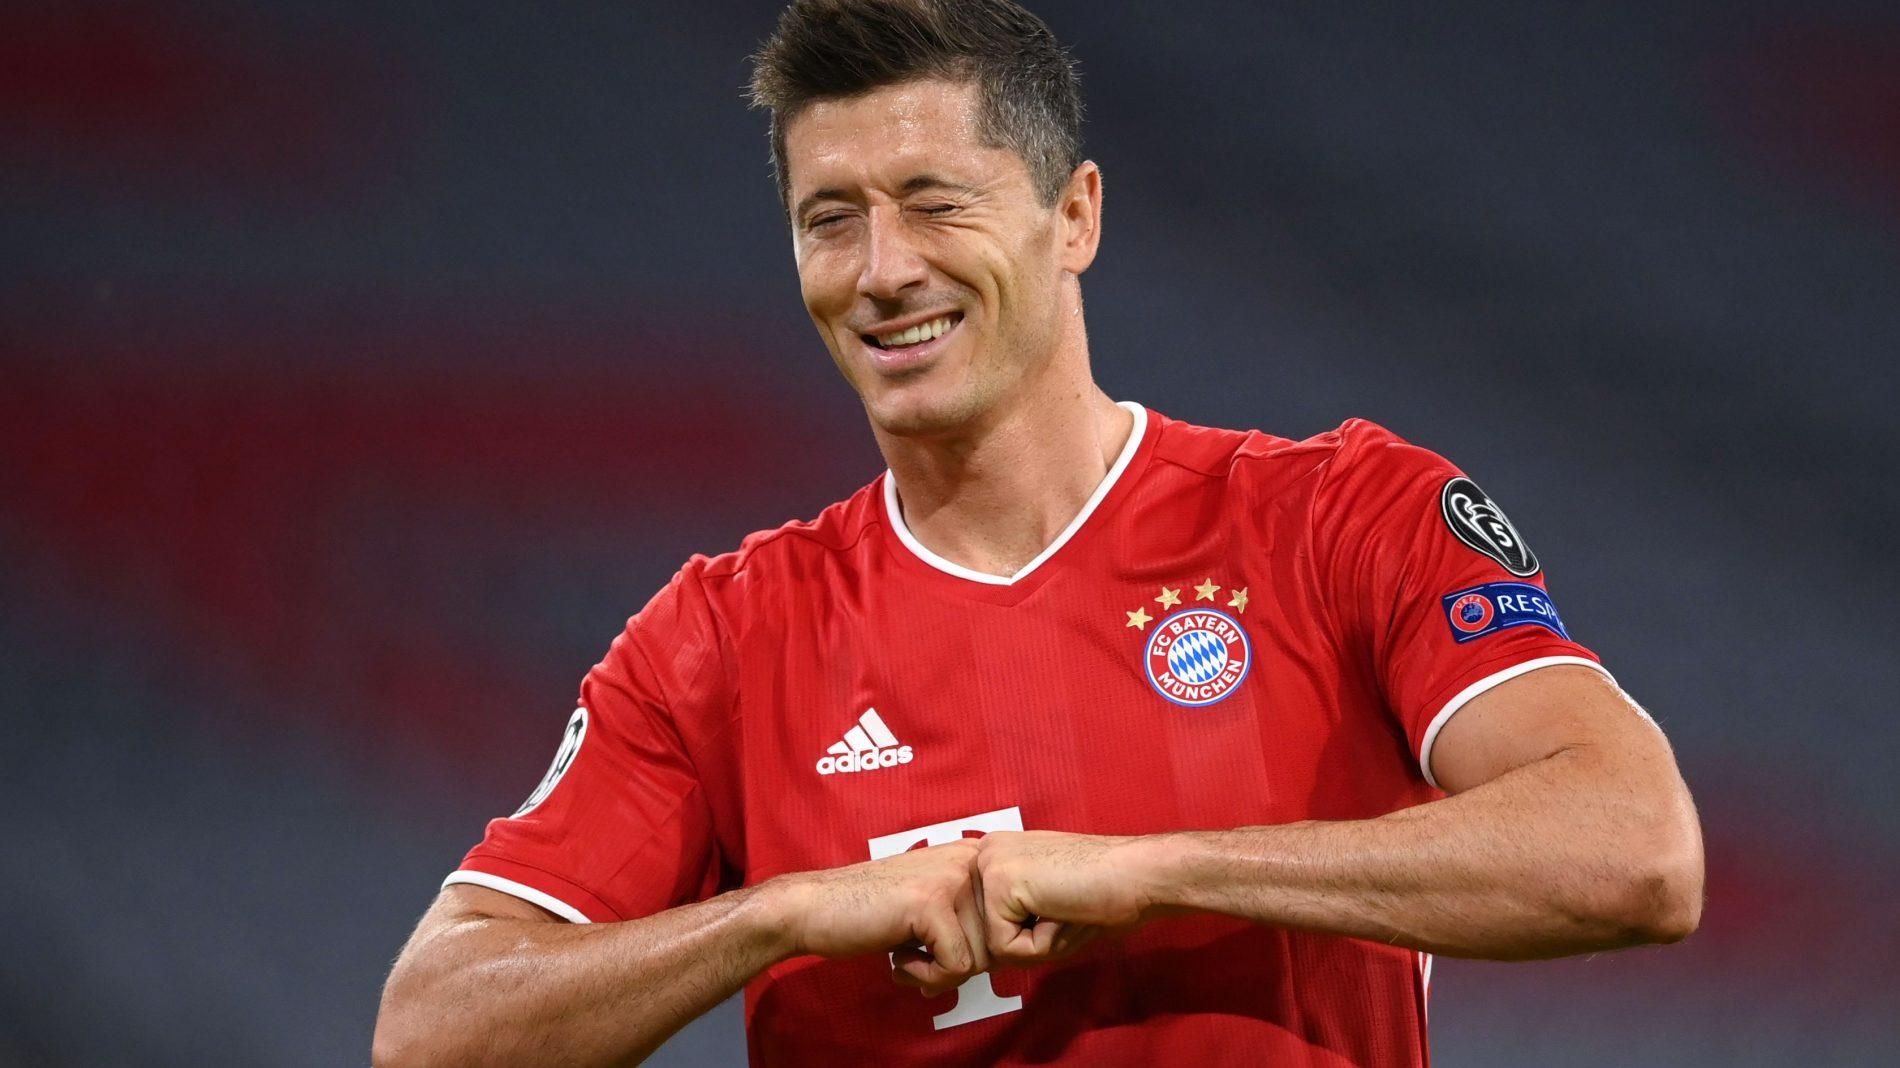 莱万多夫斯基:可能会在拜仁踢到2028年退役